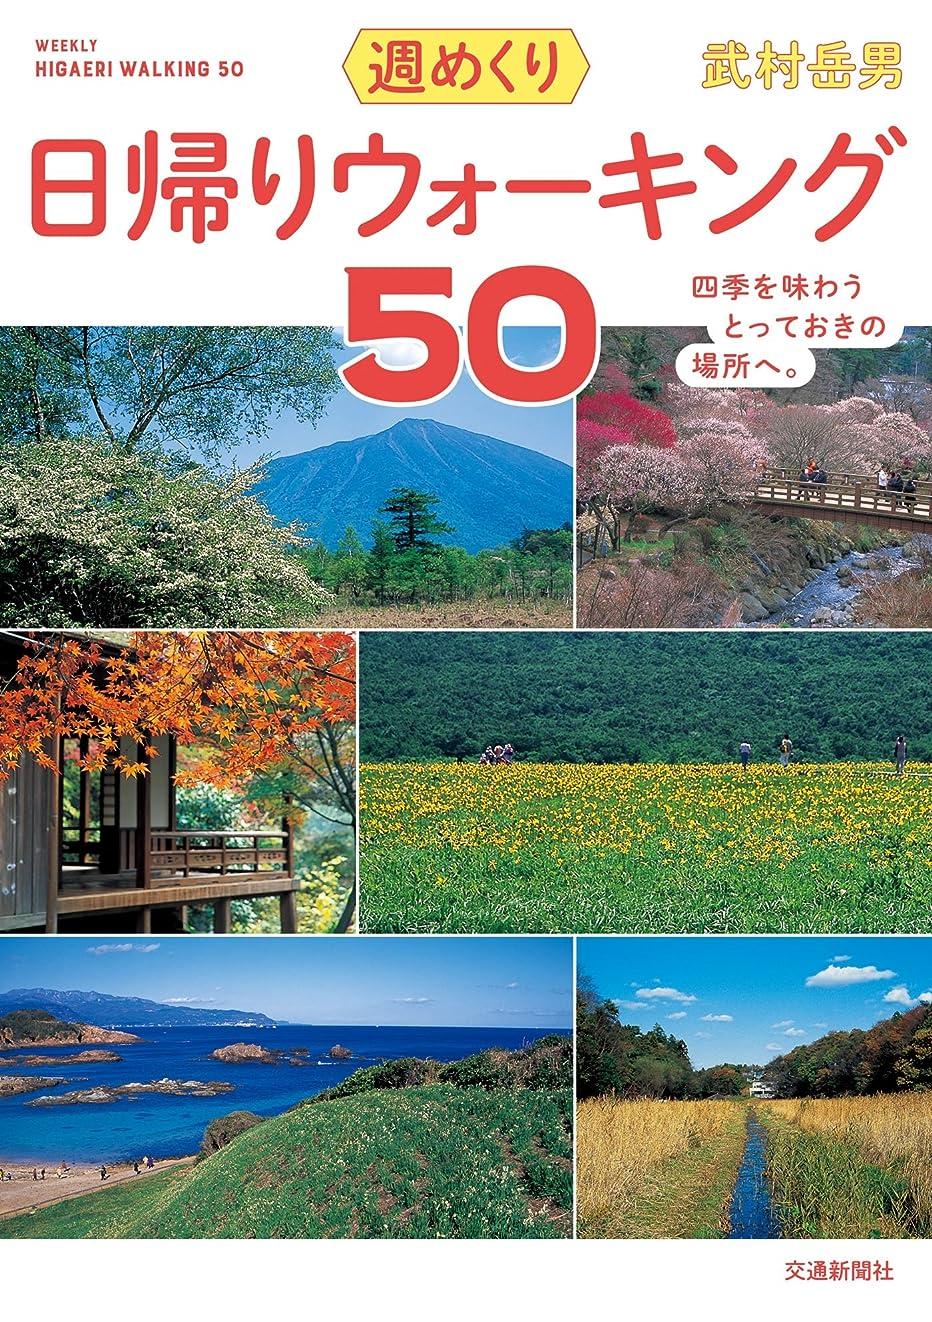 チチカカ湖定期的ちらつき日帰りウォーキング50 (交通新聞社)